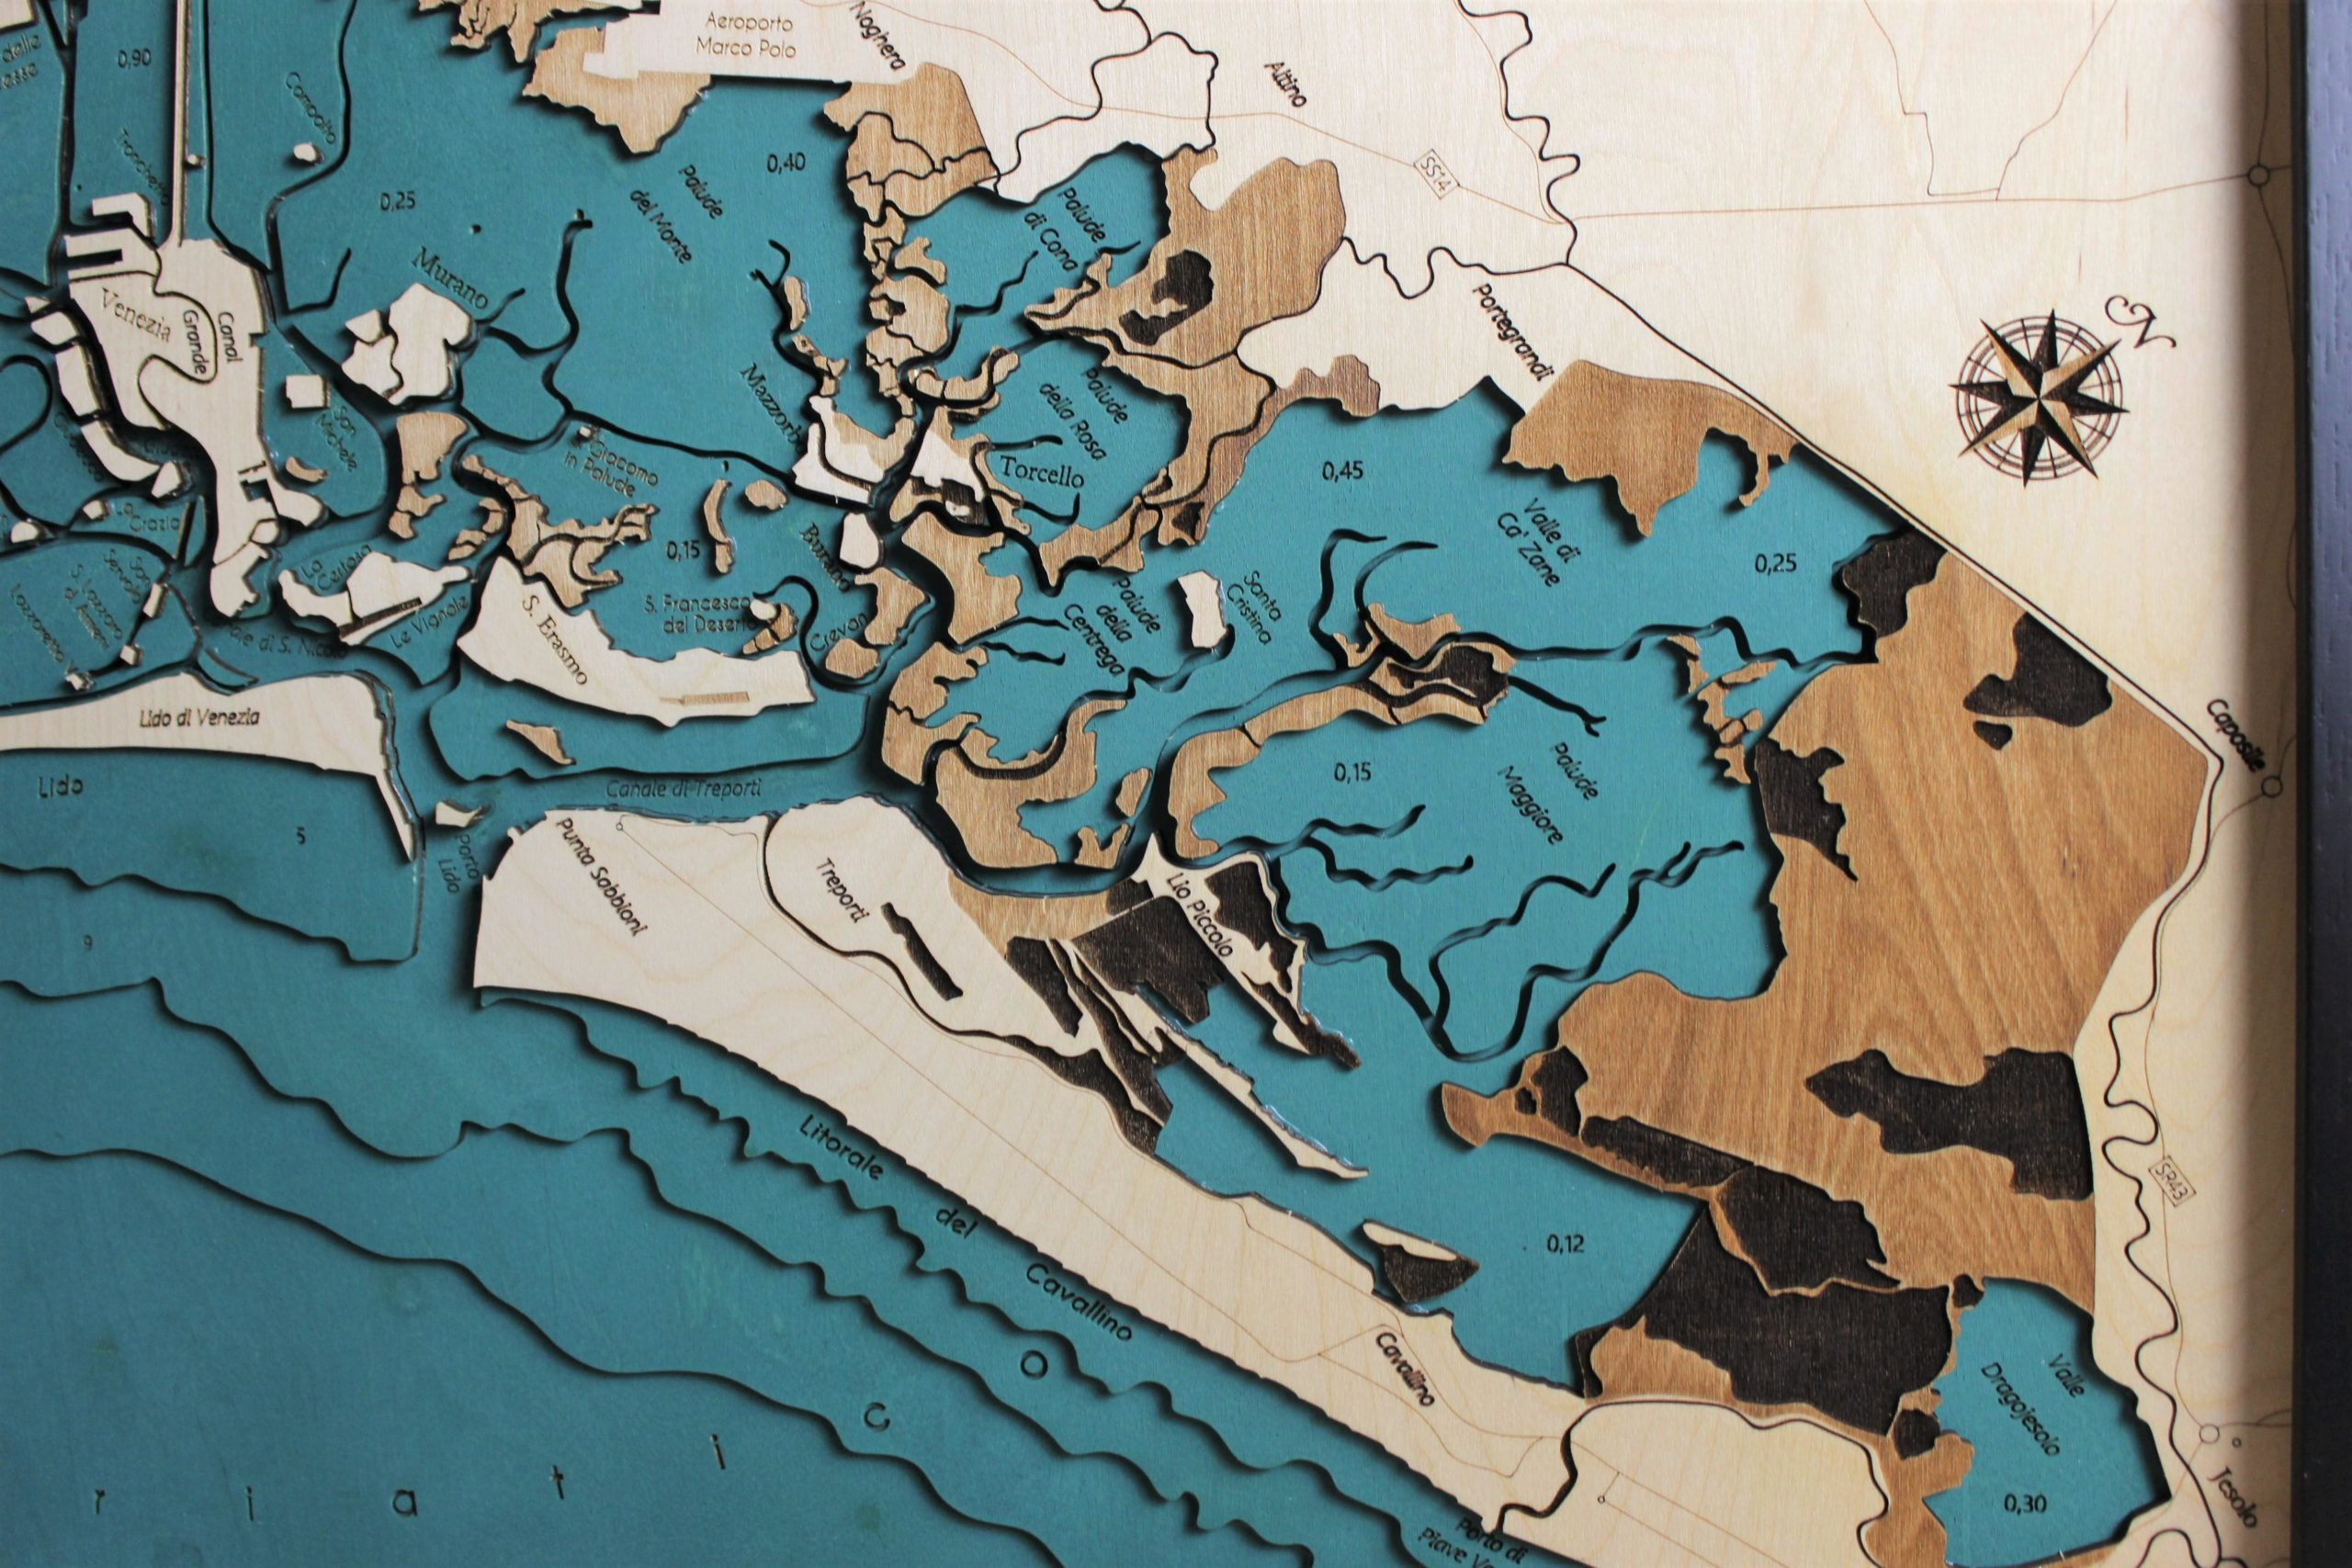 mappa topografica laguna veneta in legno Gecko Art